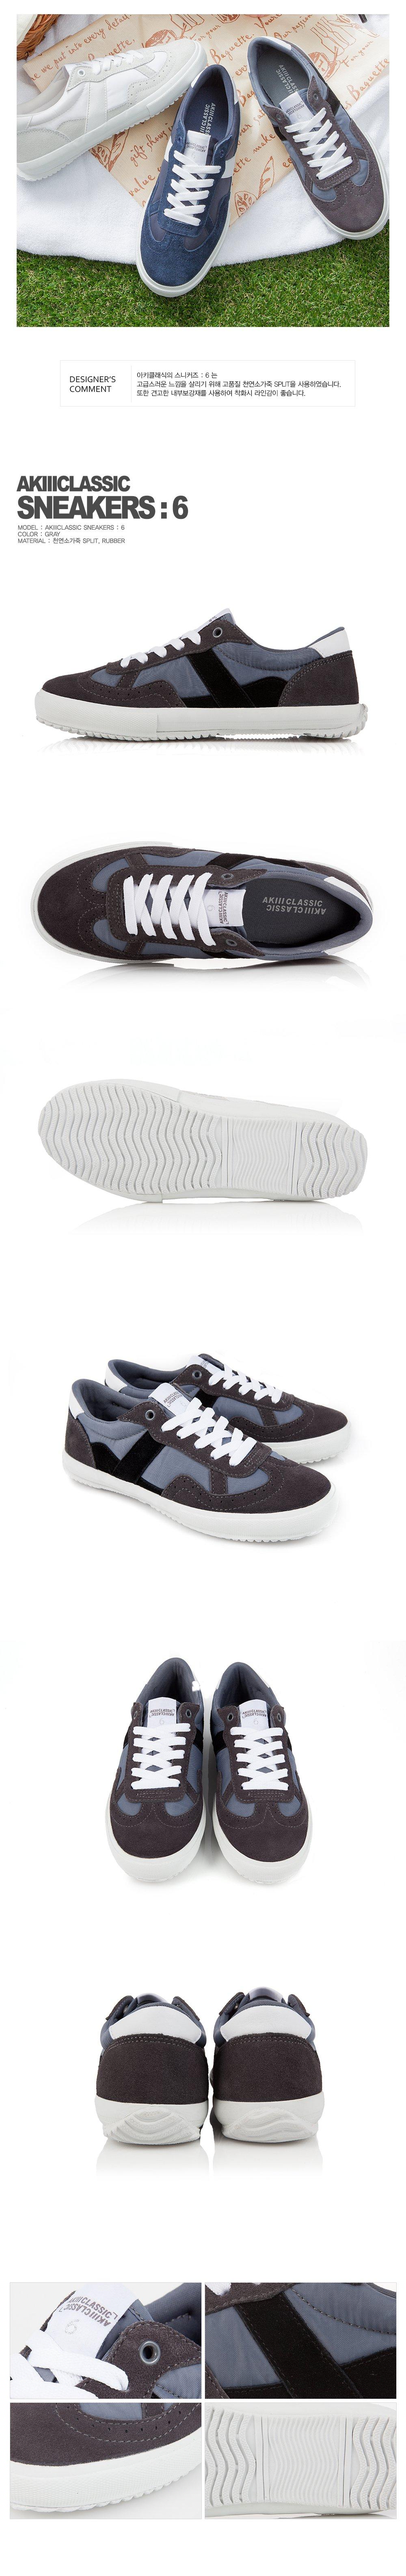 sneakers_6_gray_01.jpg